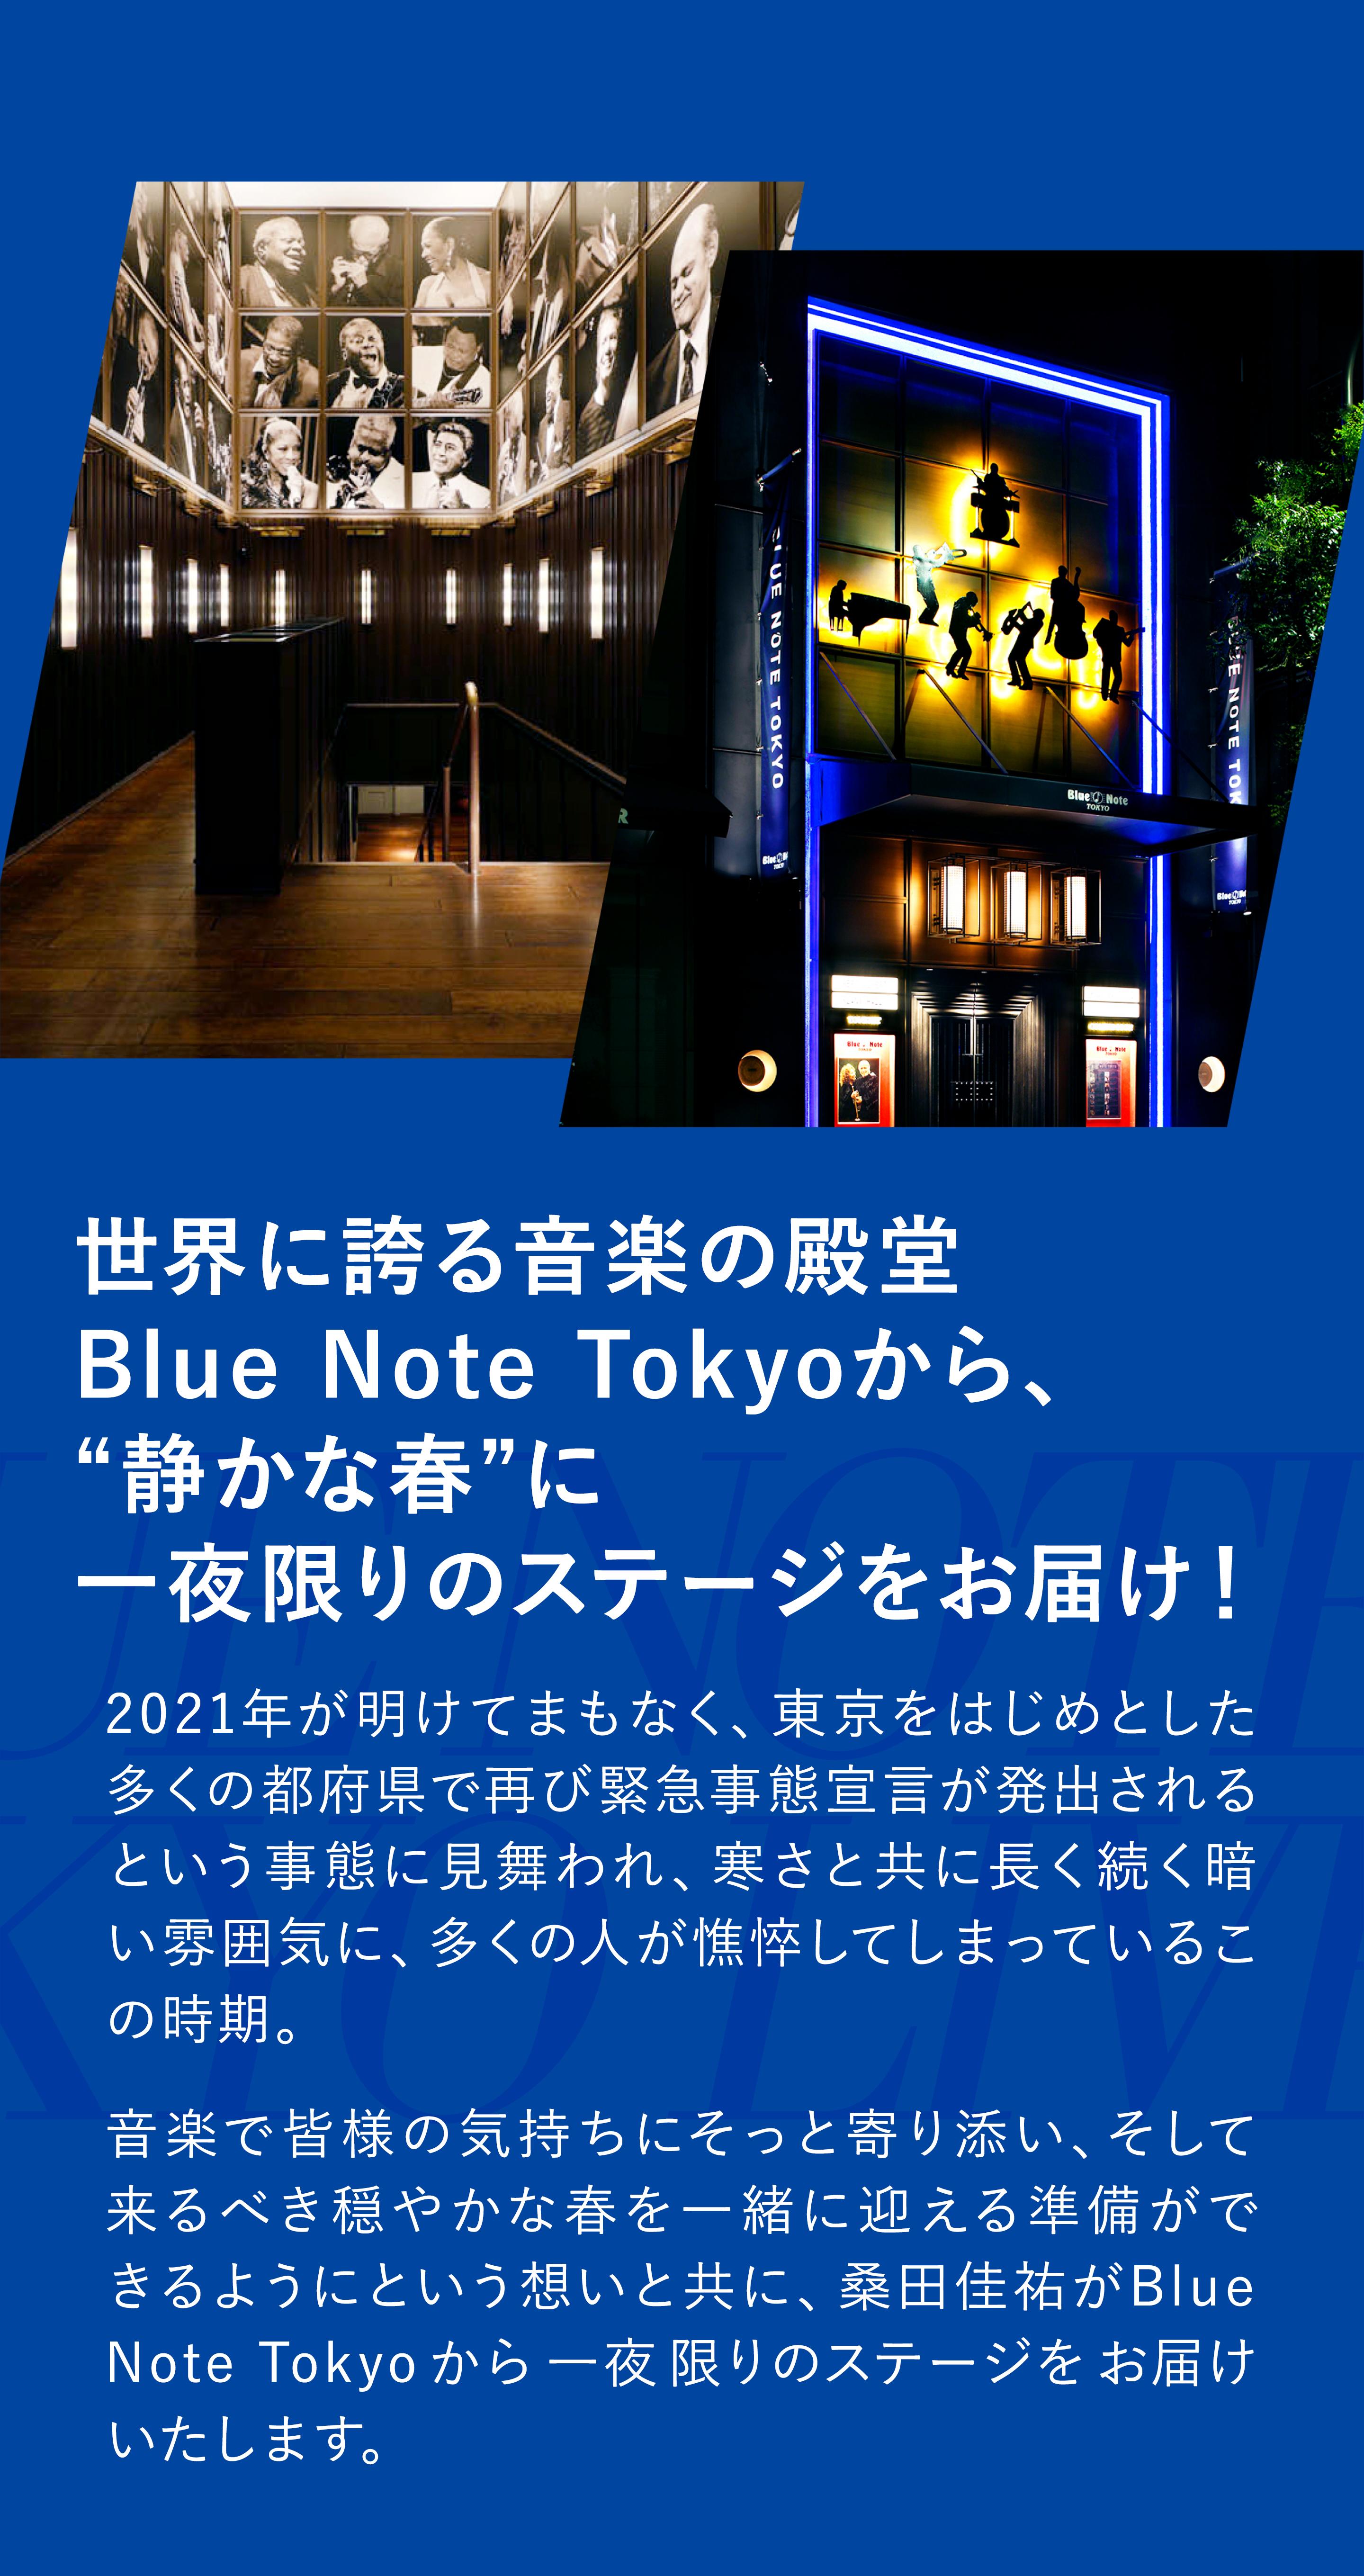 静かな春の戯れ〜Live in Blue Note Tokyo〜